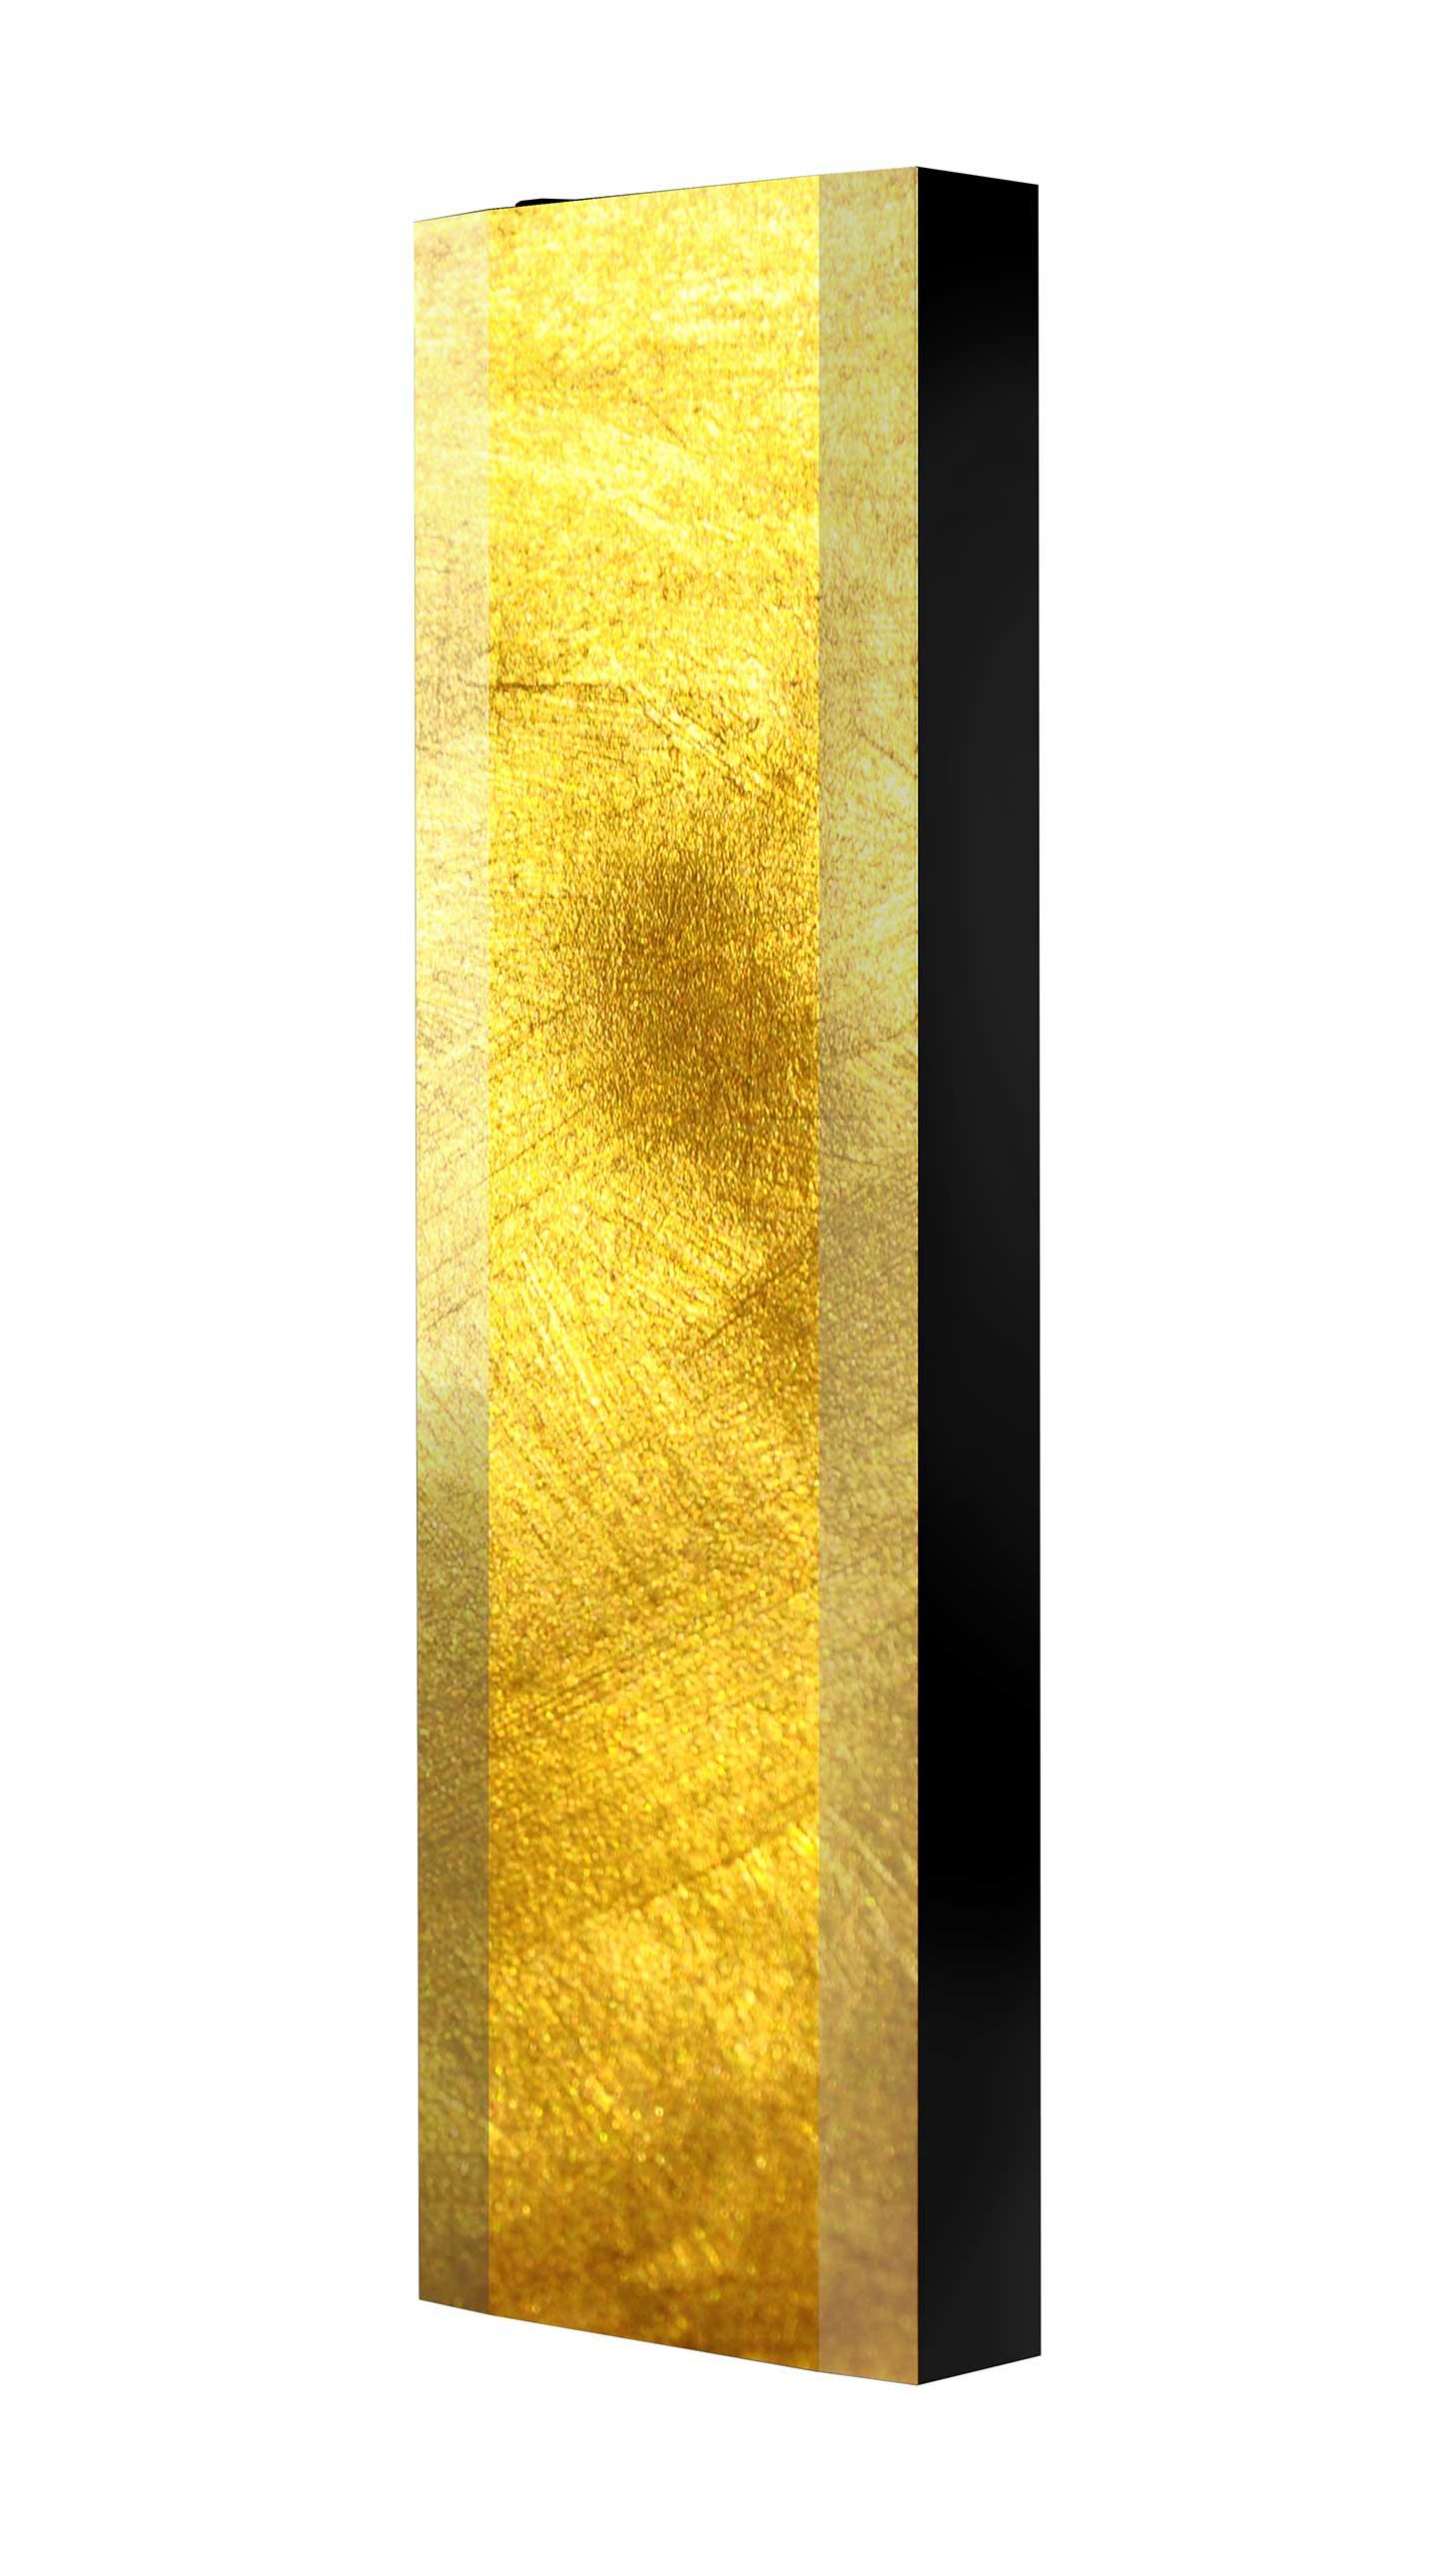 Schuhschrank FLASH 450 BLACK-EDITION Motivschrank schwarz drehbar M02 Kunst Modern